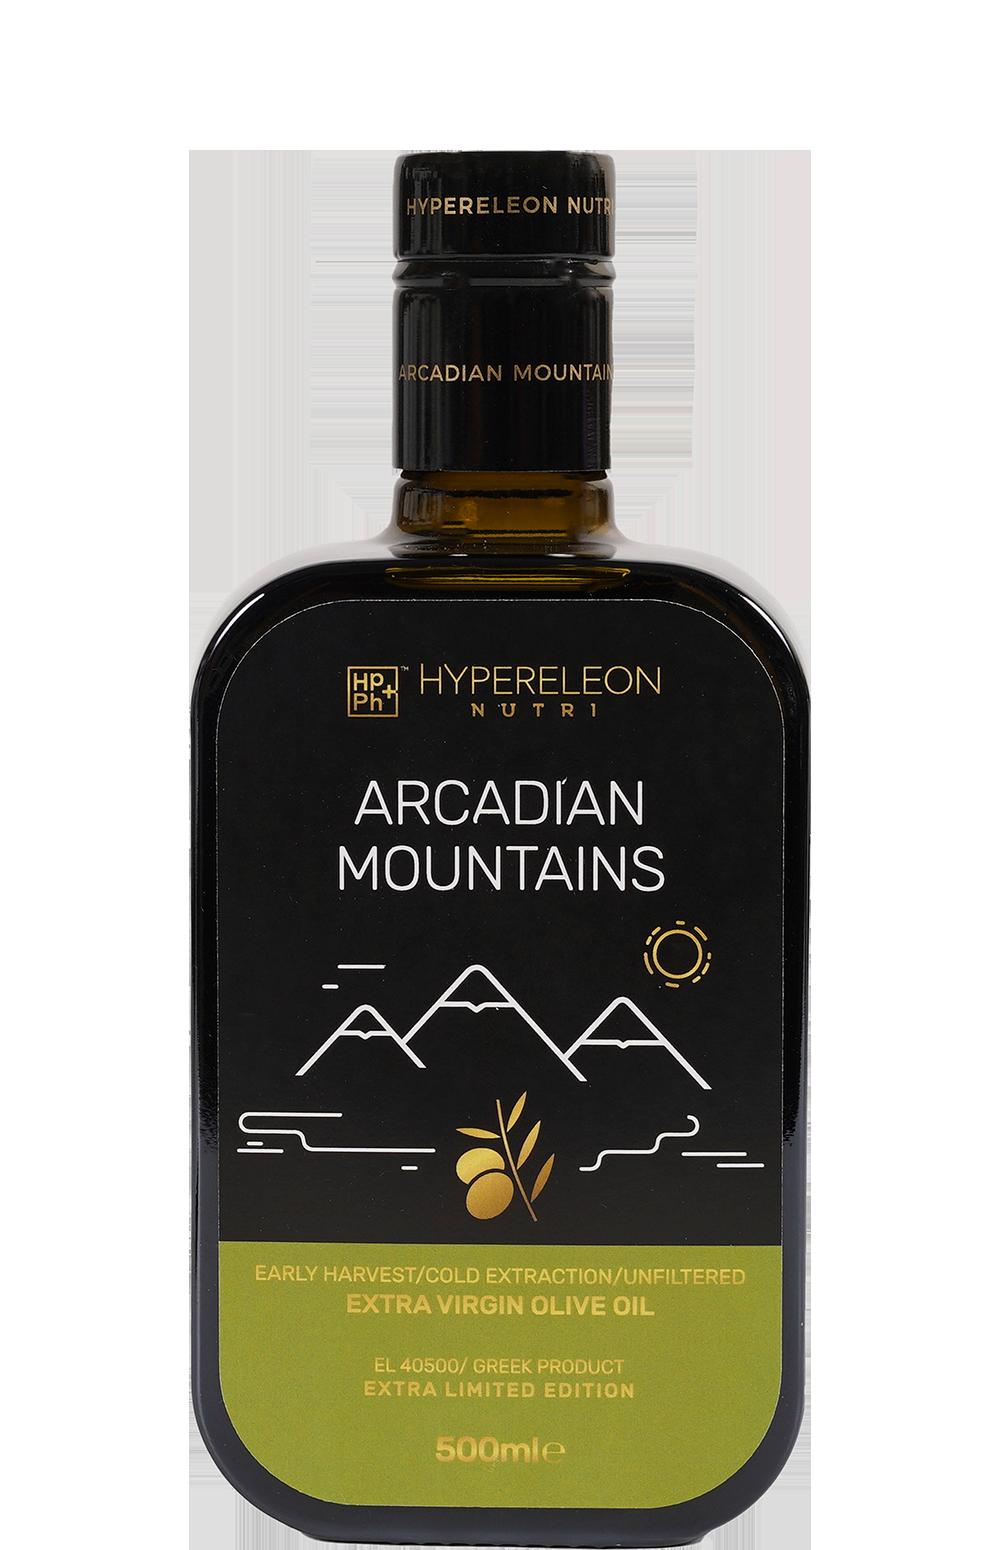 Hypereleon Nutri – Arcadian Mountains